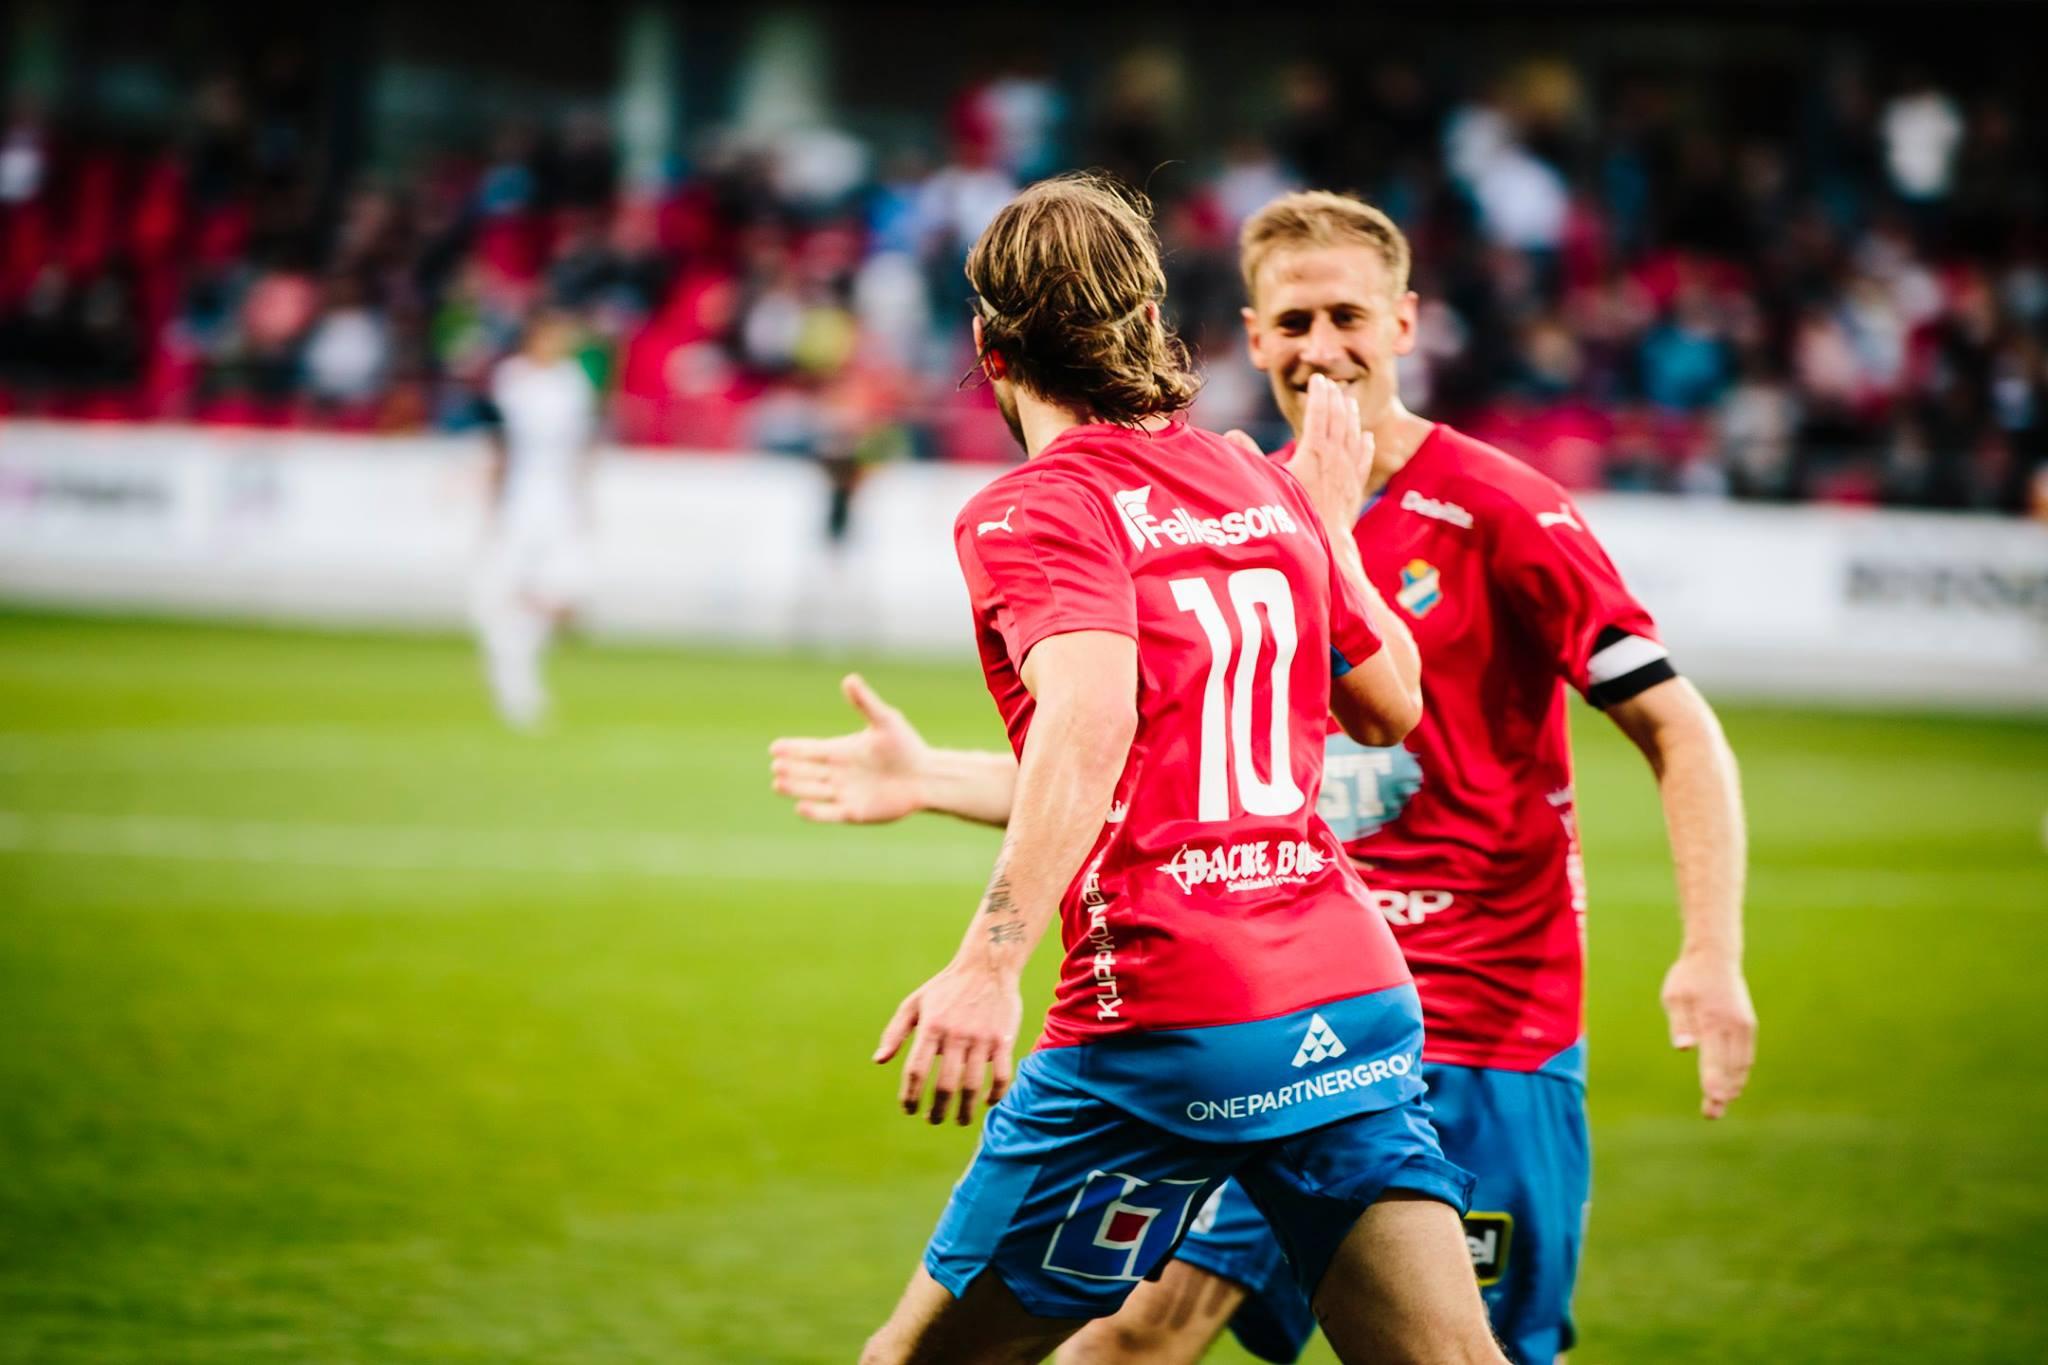 L'Osters, club svedese, punirà i suoi calciatori che simuleranno in campo